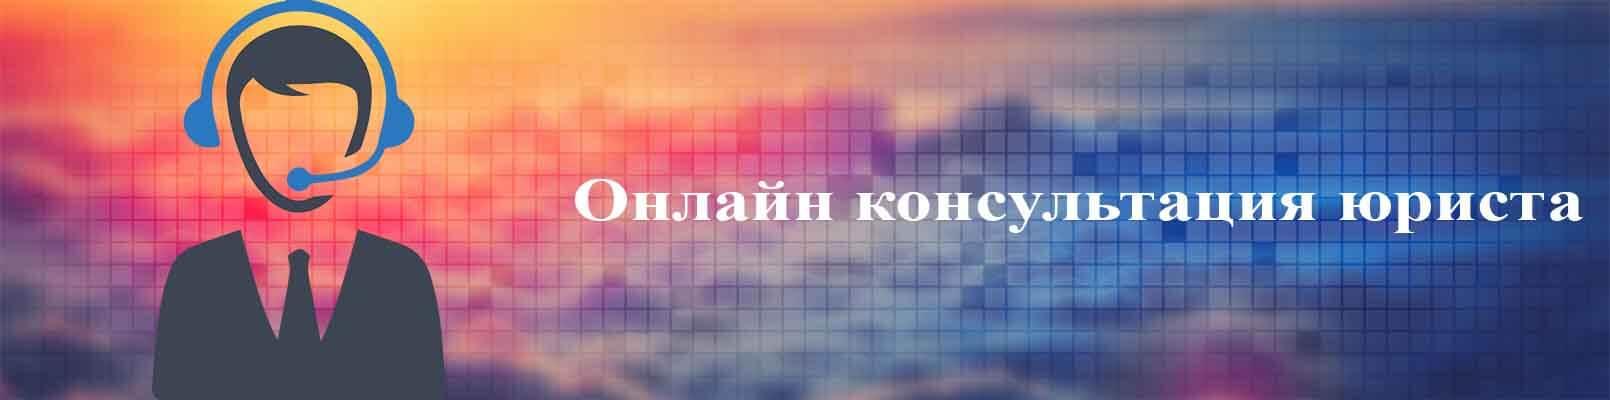 Онлайн консультация юриста СПб